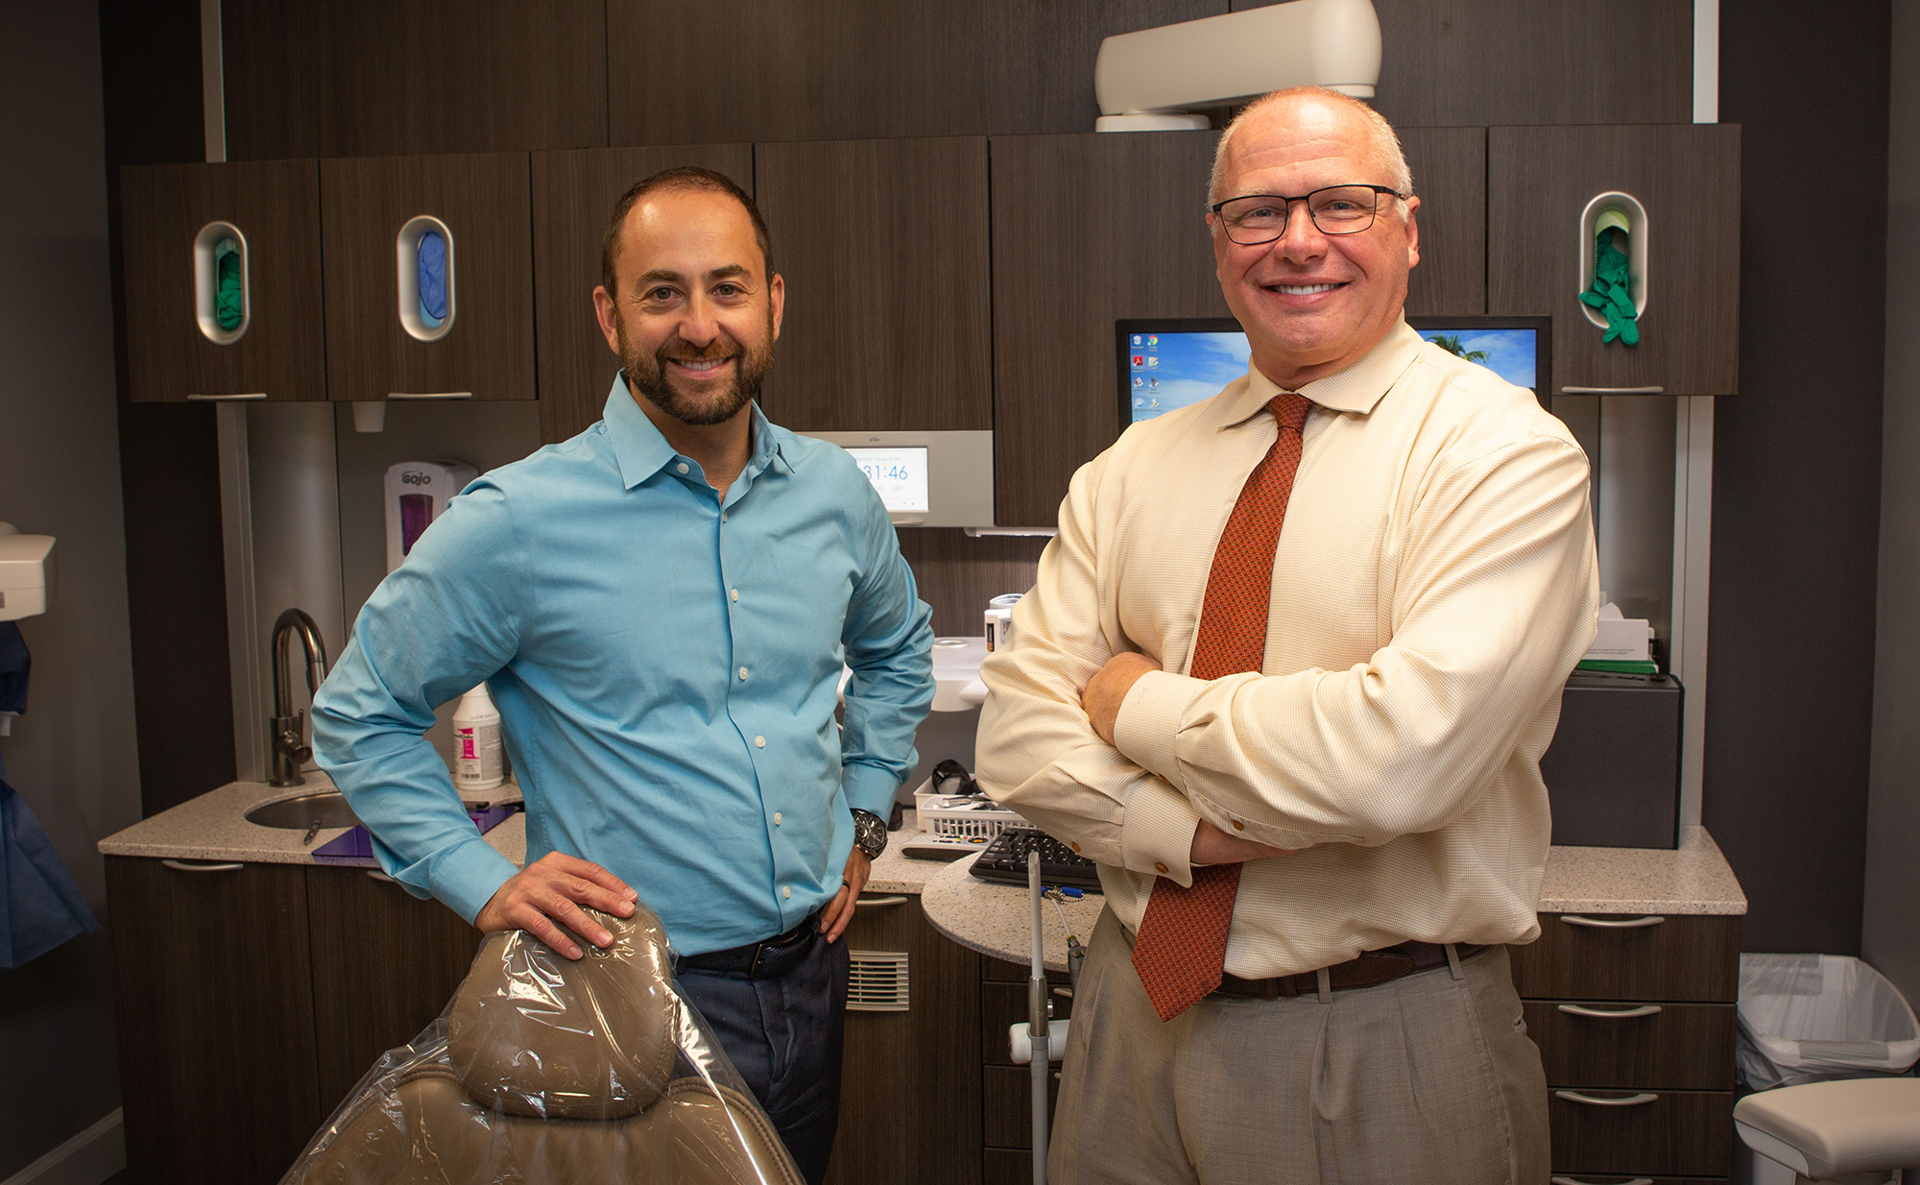 Dr. Richard Boatman, Jr. DMD and Dr. Jordan Spencer DDS